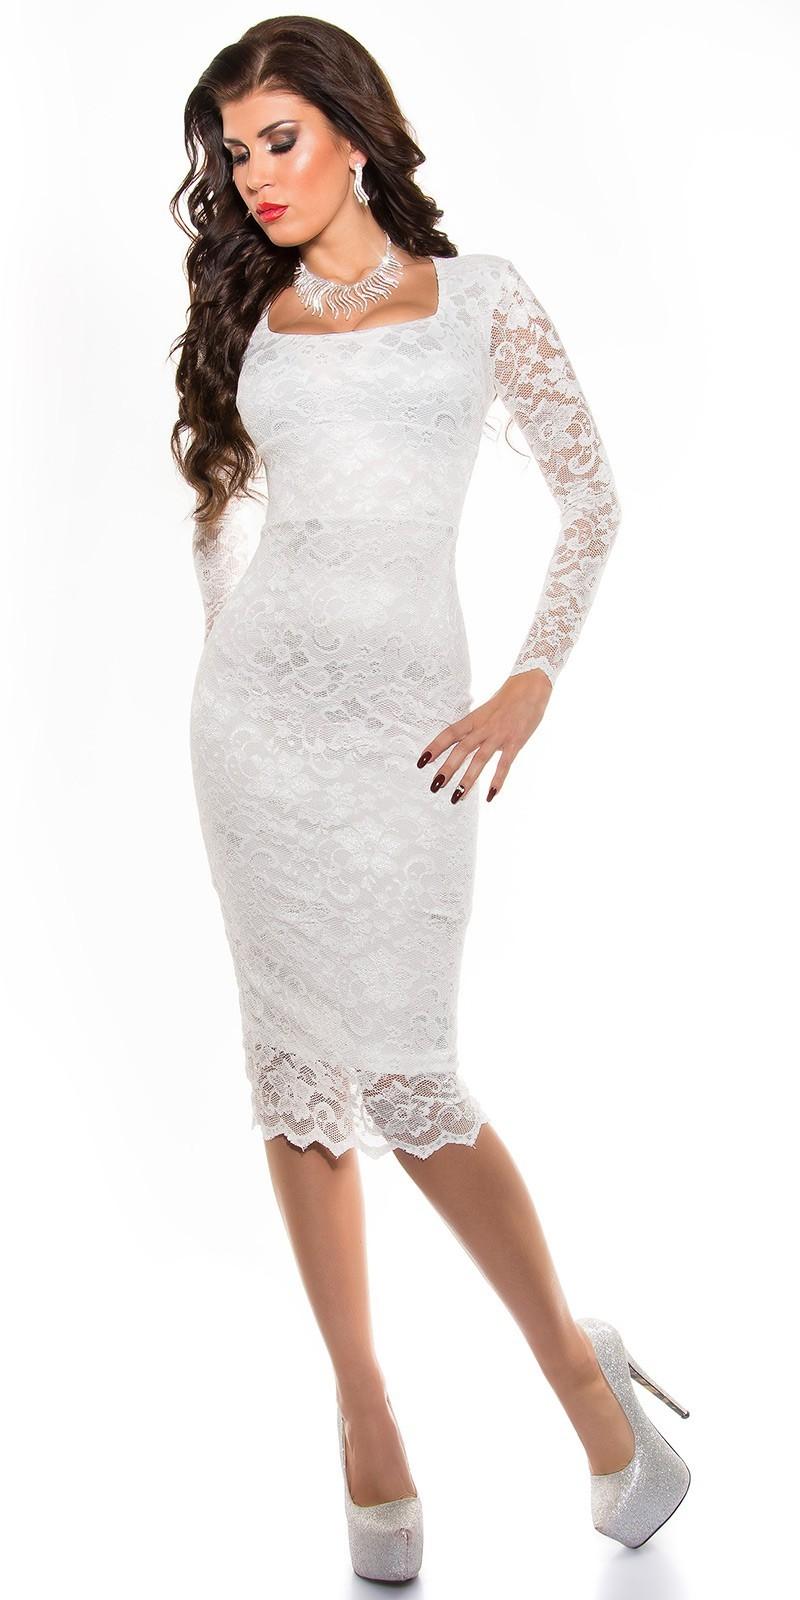 2d4c1d973a52 Spoločenské šaty pod kolená White – Sissy Boutique